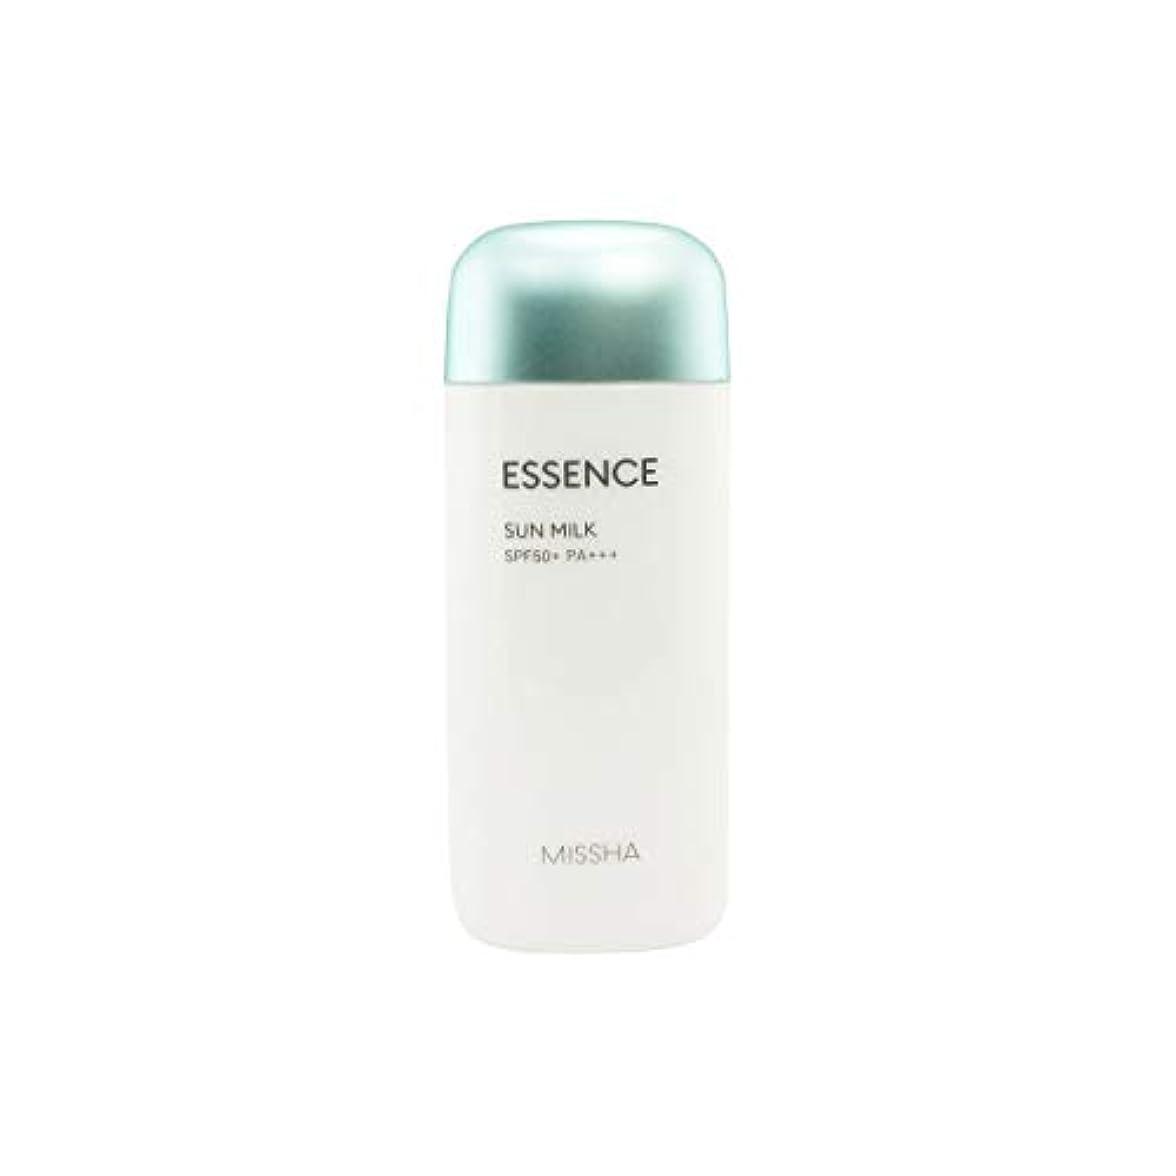 メンテナンス一般的に言えばおじいちゃんMissha All-around Safe Block Essence Sun Milk Spf50+/pa+++ 70ml [並行輸入品]